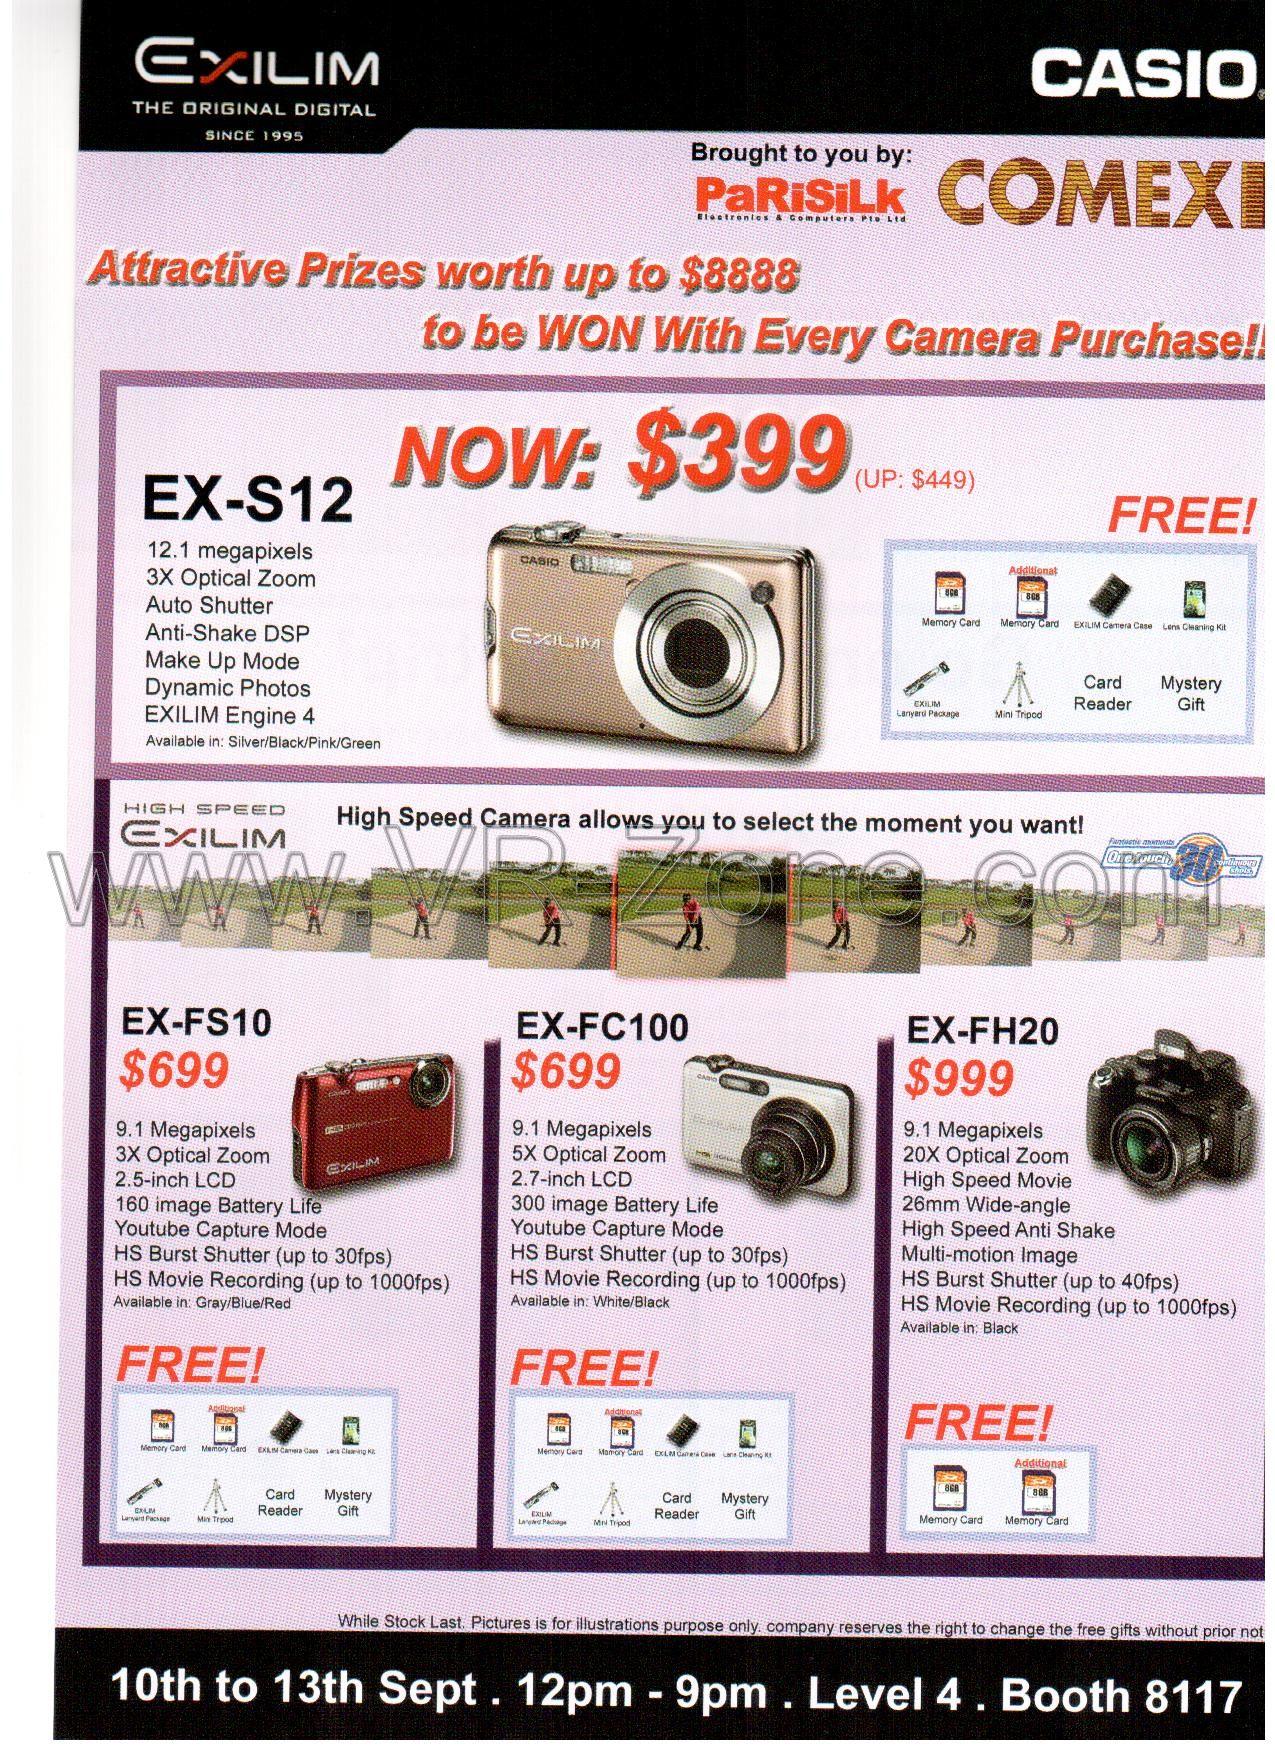 Comex 2009 price list image brochure of Casio Exilim EX-S12 EX-FS10 EX-FC100 EX-FH20